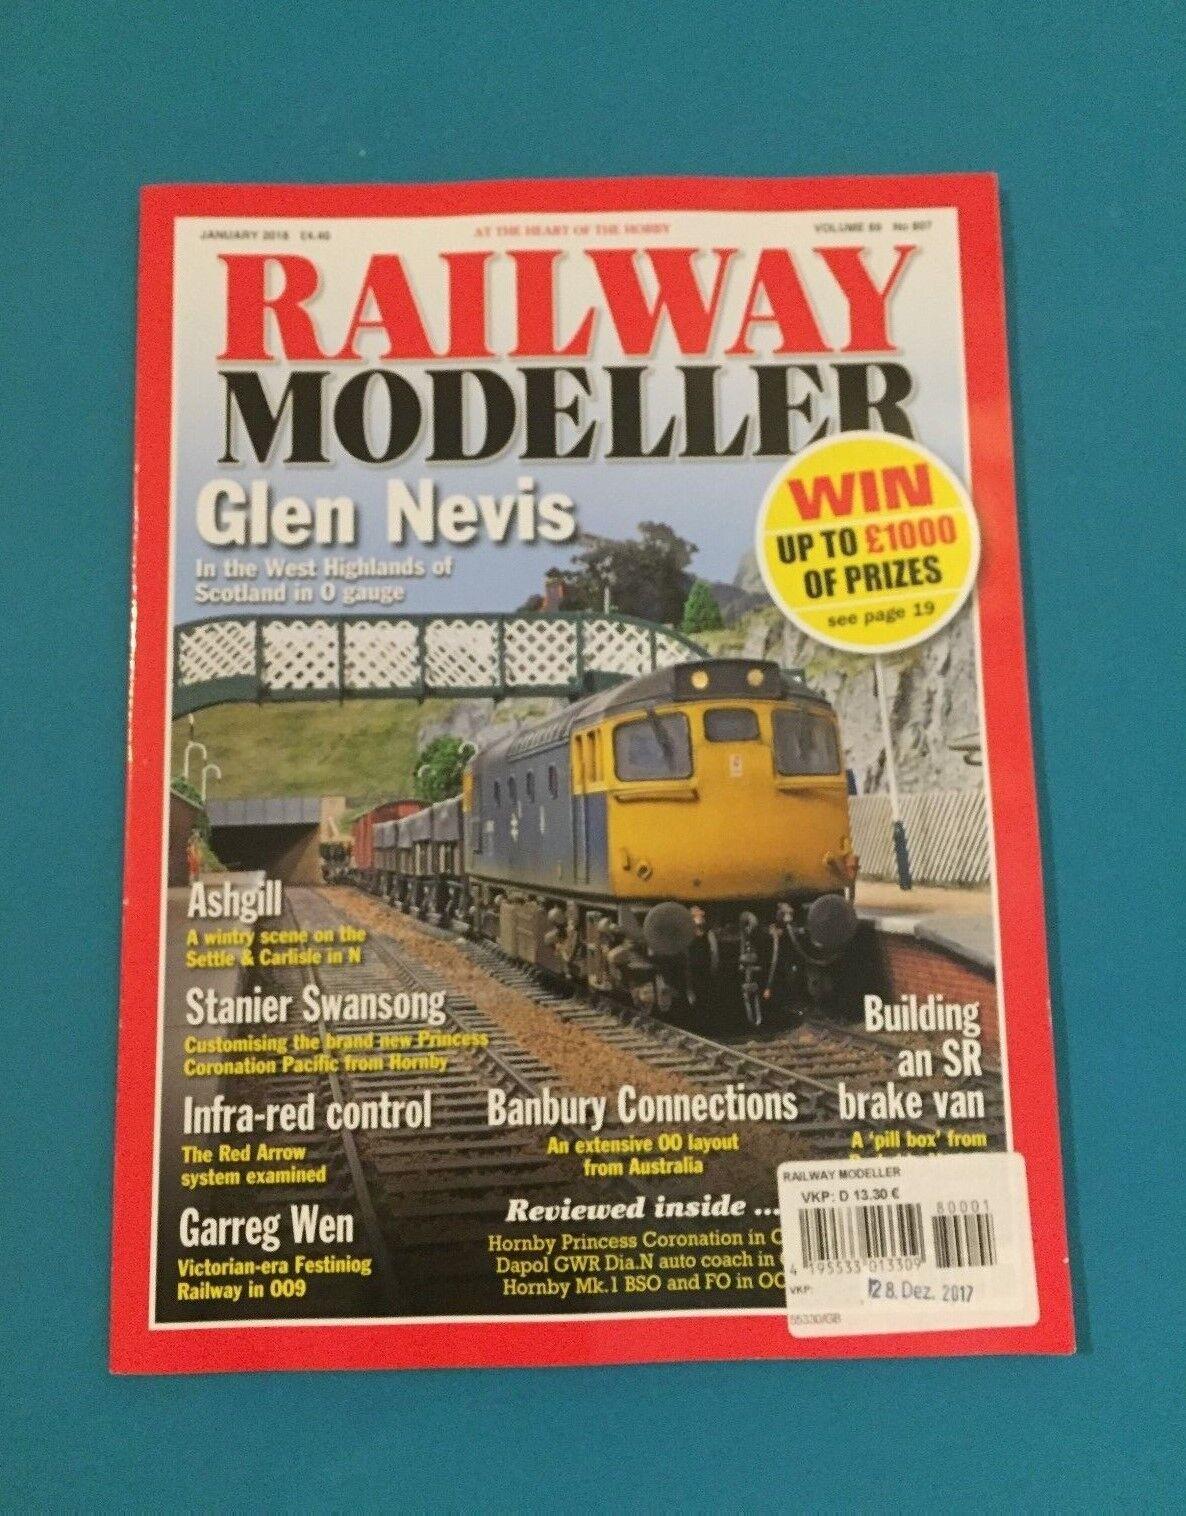 Railway Modeller January 2018 Vol. 69 No.807 english ungelesen 1A absolut TOP